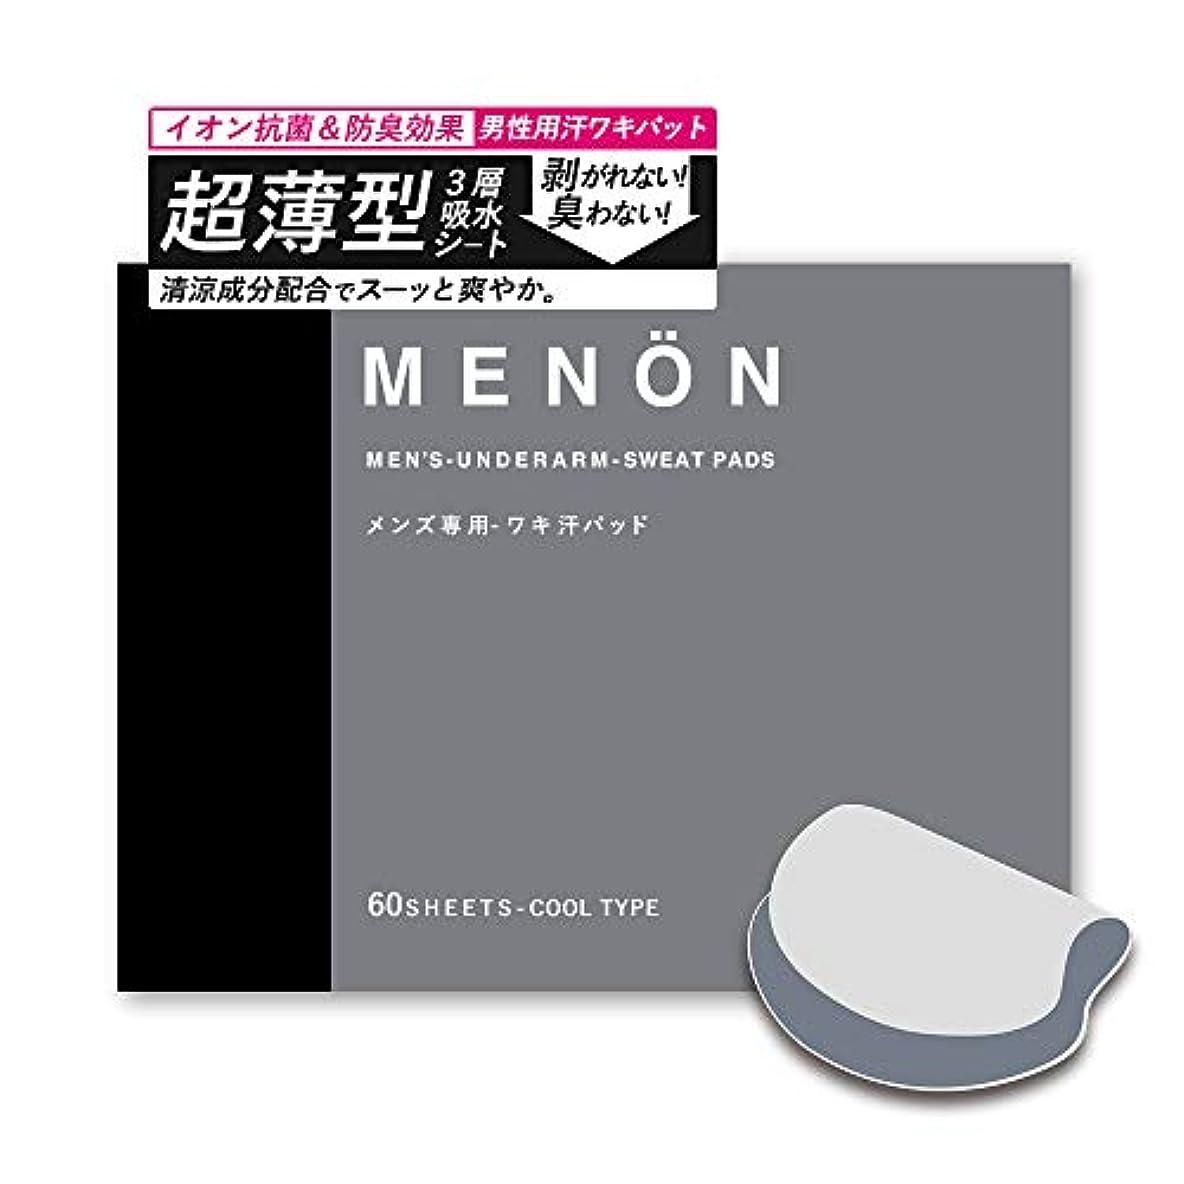 ごみ農民座標MENON 安心の日本製 脇汗パッド メンズ 使い捨て 汗取りパッド 大容量60枚 (30セット) 清涼成分配合 脇汗 男性用 ボディケア 汗ジミ?臭い予防に パッド シール メノン